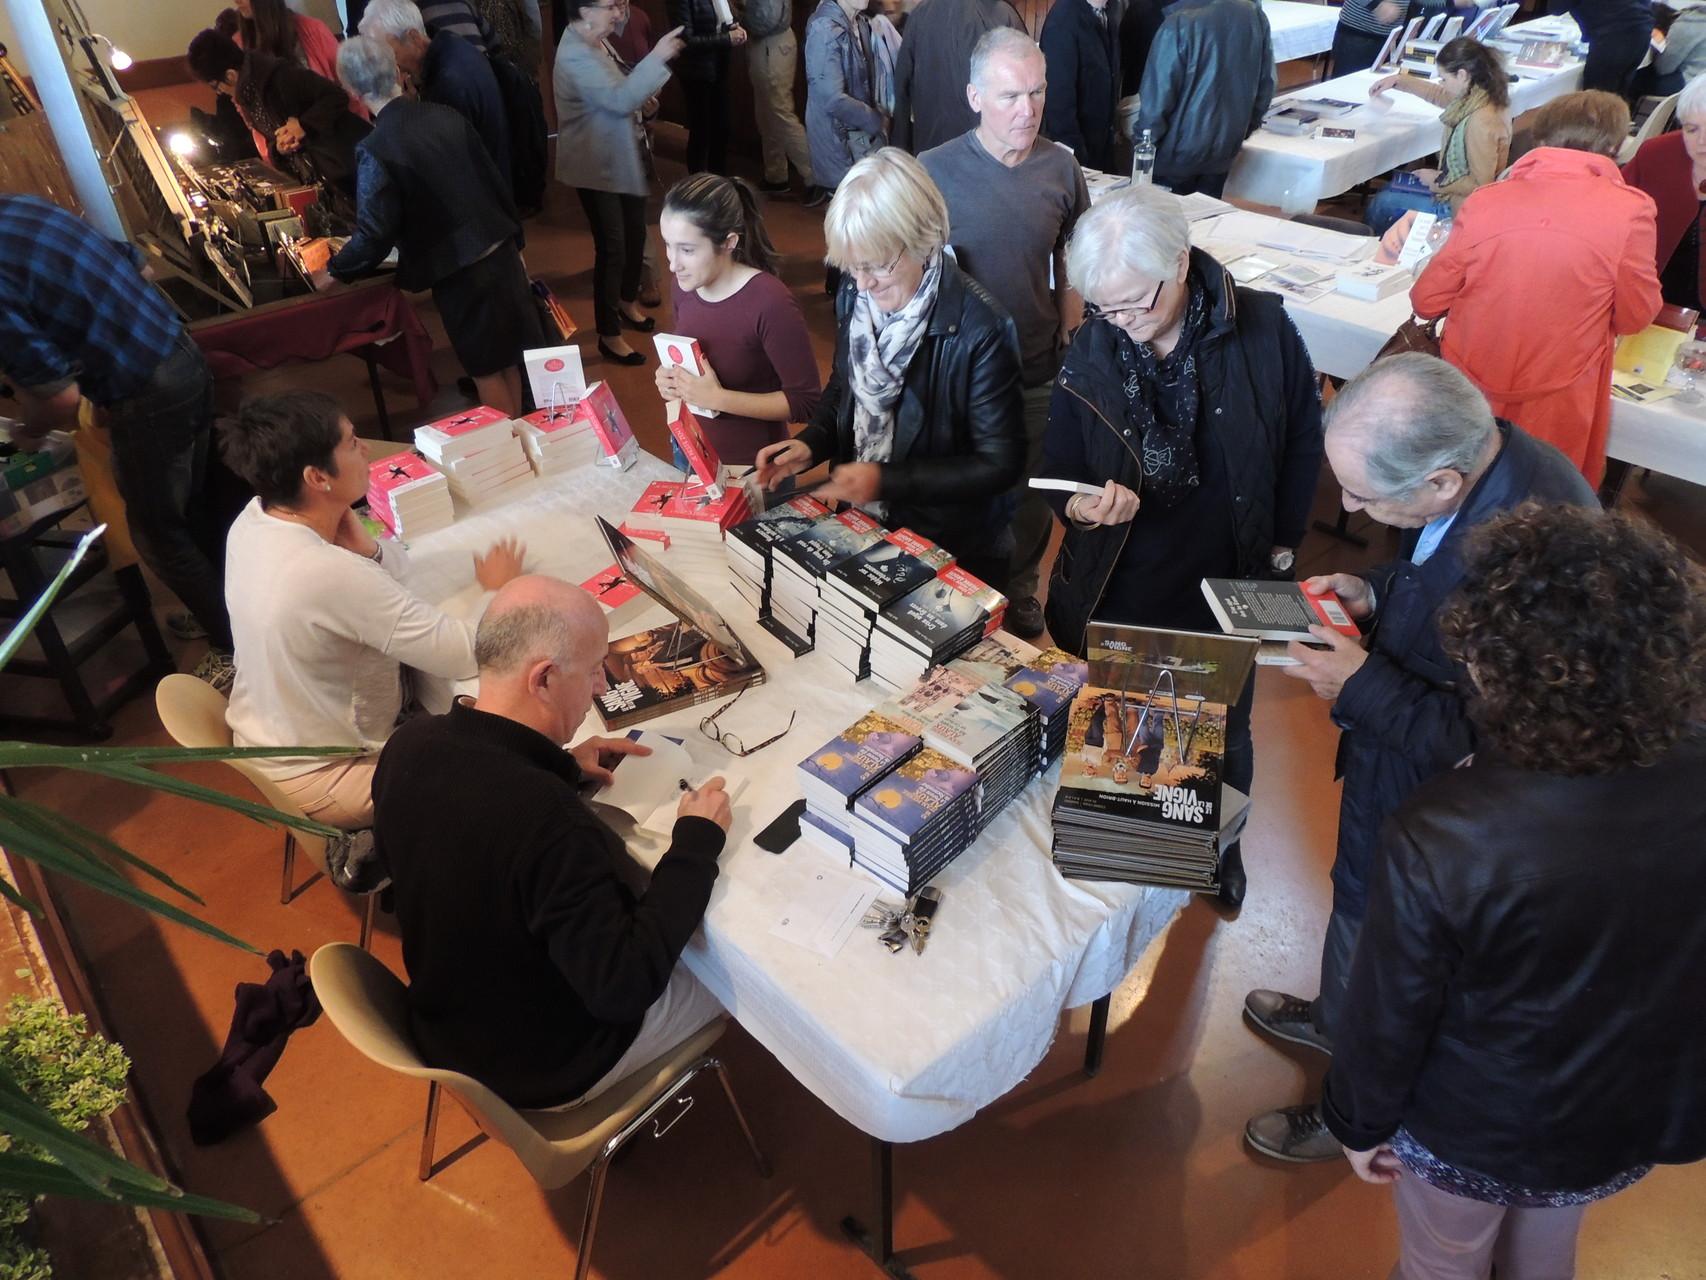 Jean-Pierre Alaux pour la 2ème année à Ciadoux avec ses nouveaux livres